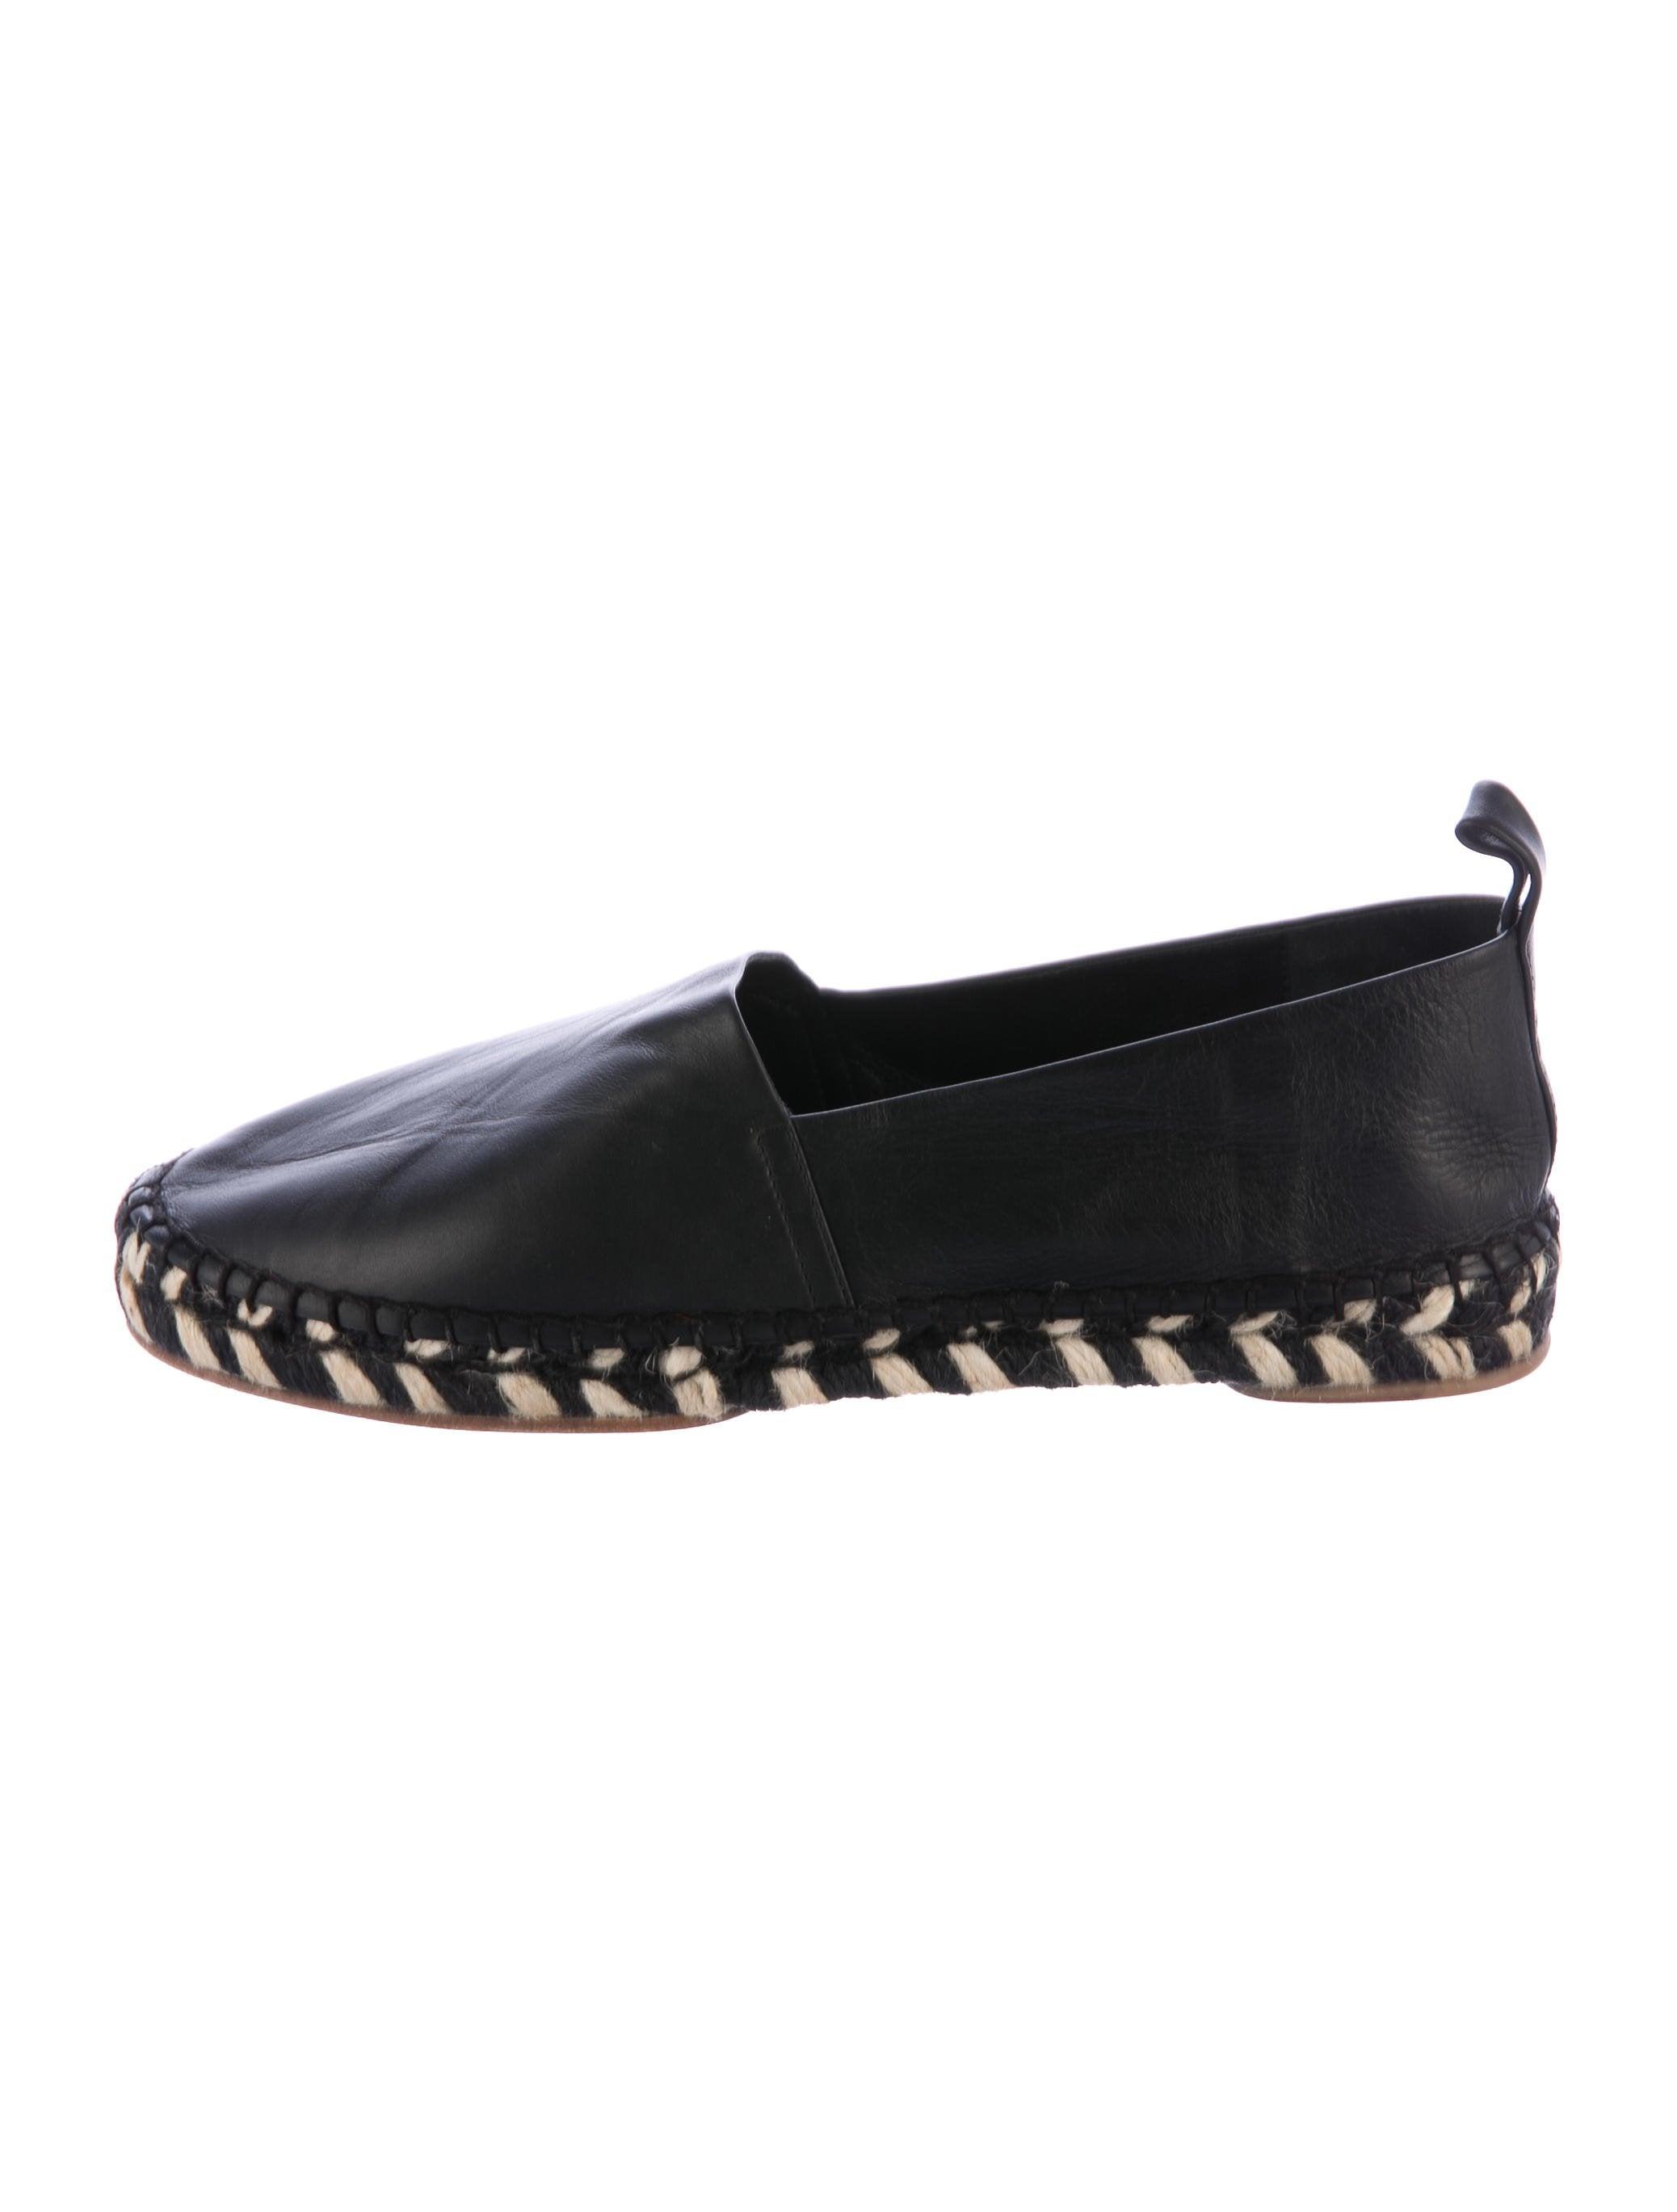 Proenza Schouler Leather Round-Toe Espadrilles cheap sale pictures C65JJ